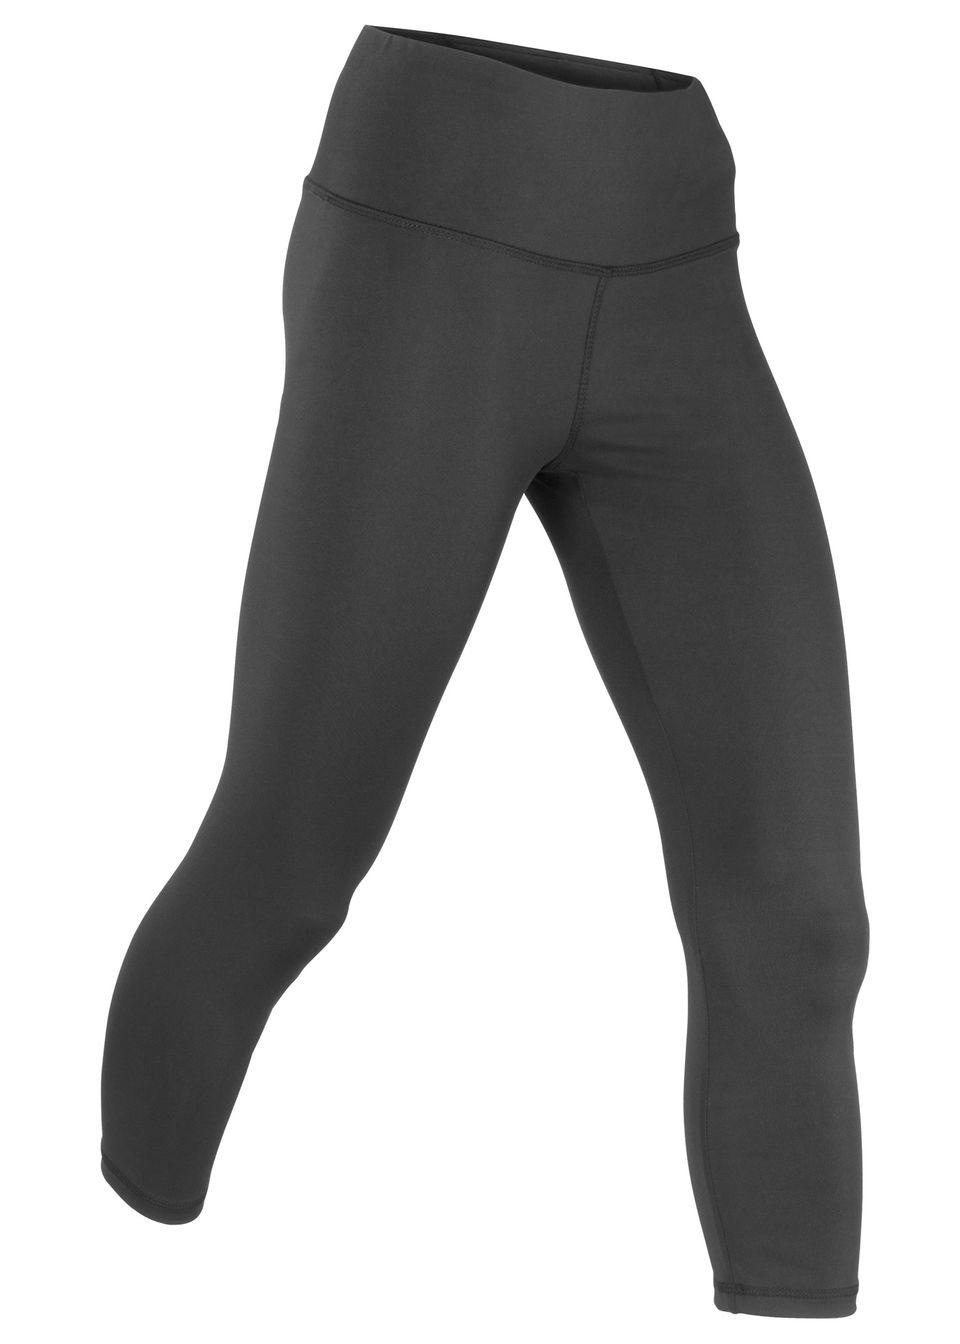 Legginsy sportowe shaping, dł. 3/4, Level 2 bonprix czarny